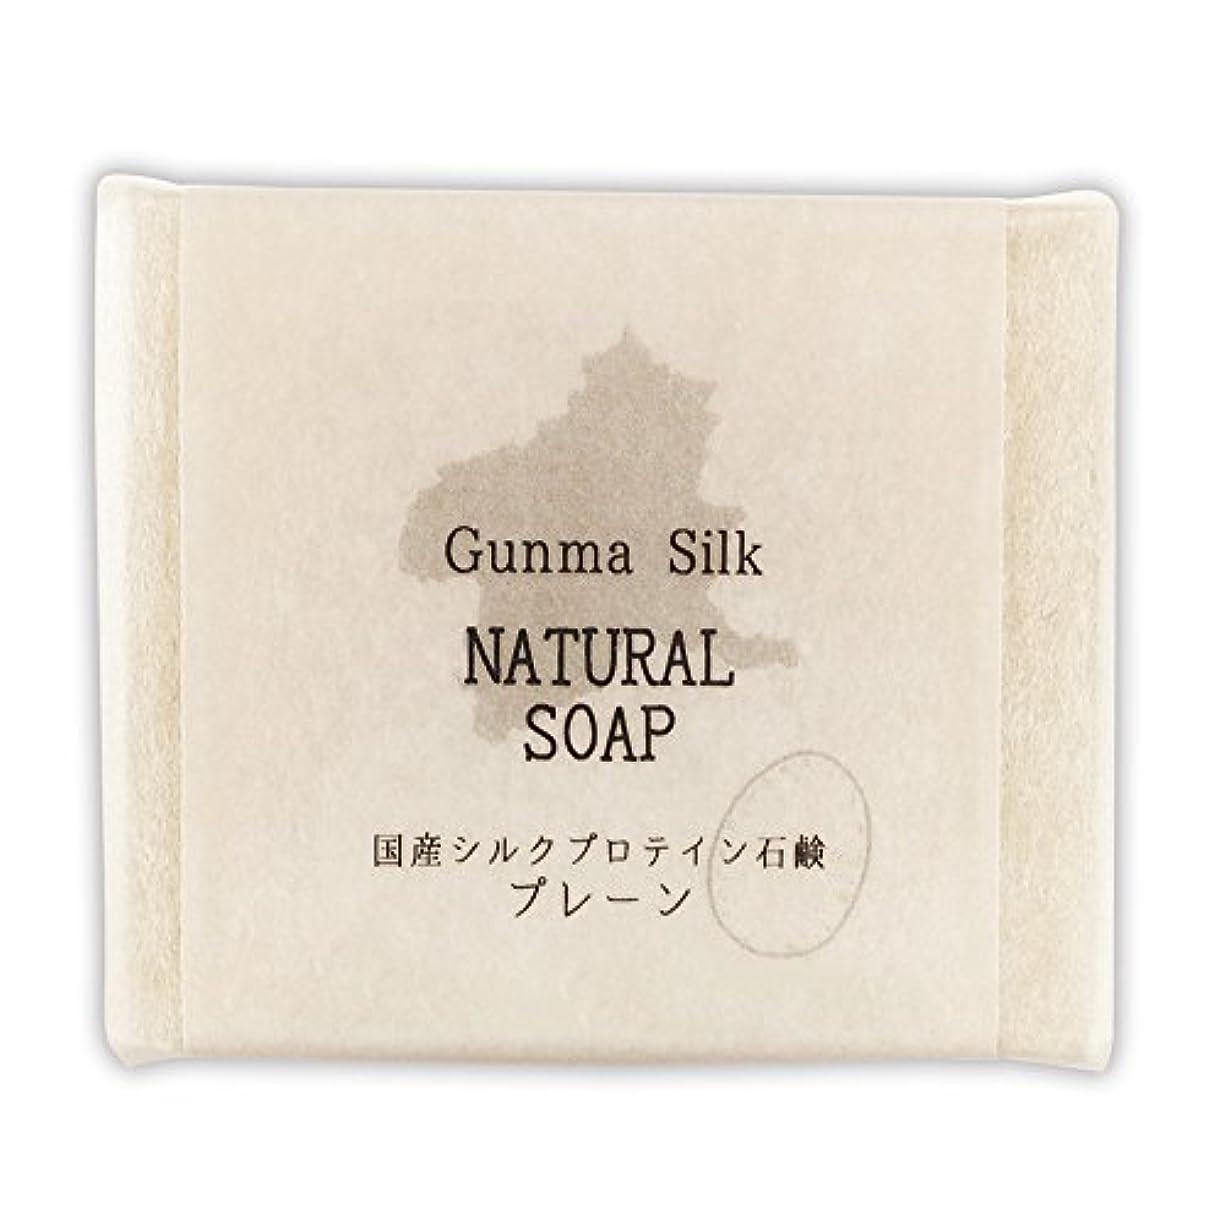 翻訳カートリッジ分割BN 国産シルクプロテイン石鹸 プレーン SKS-01 (1個)